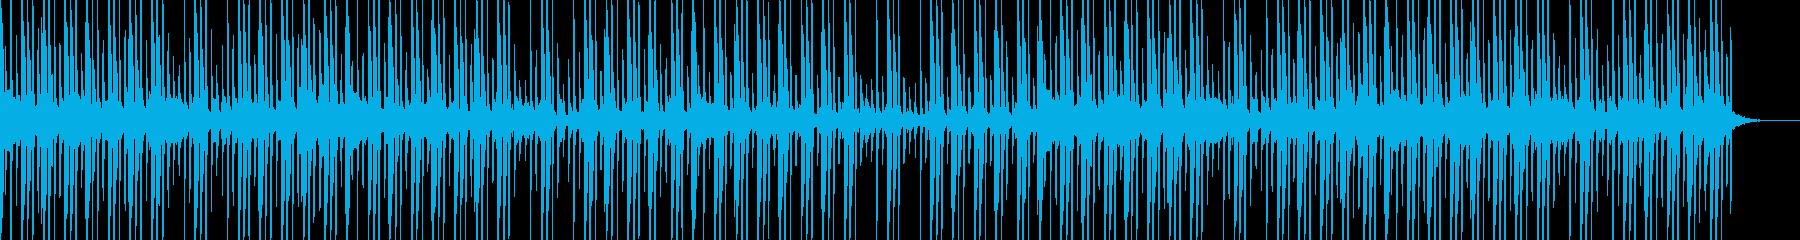 【ヒップホップ】ダーティな雰囲気の再生済みの波形